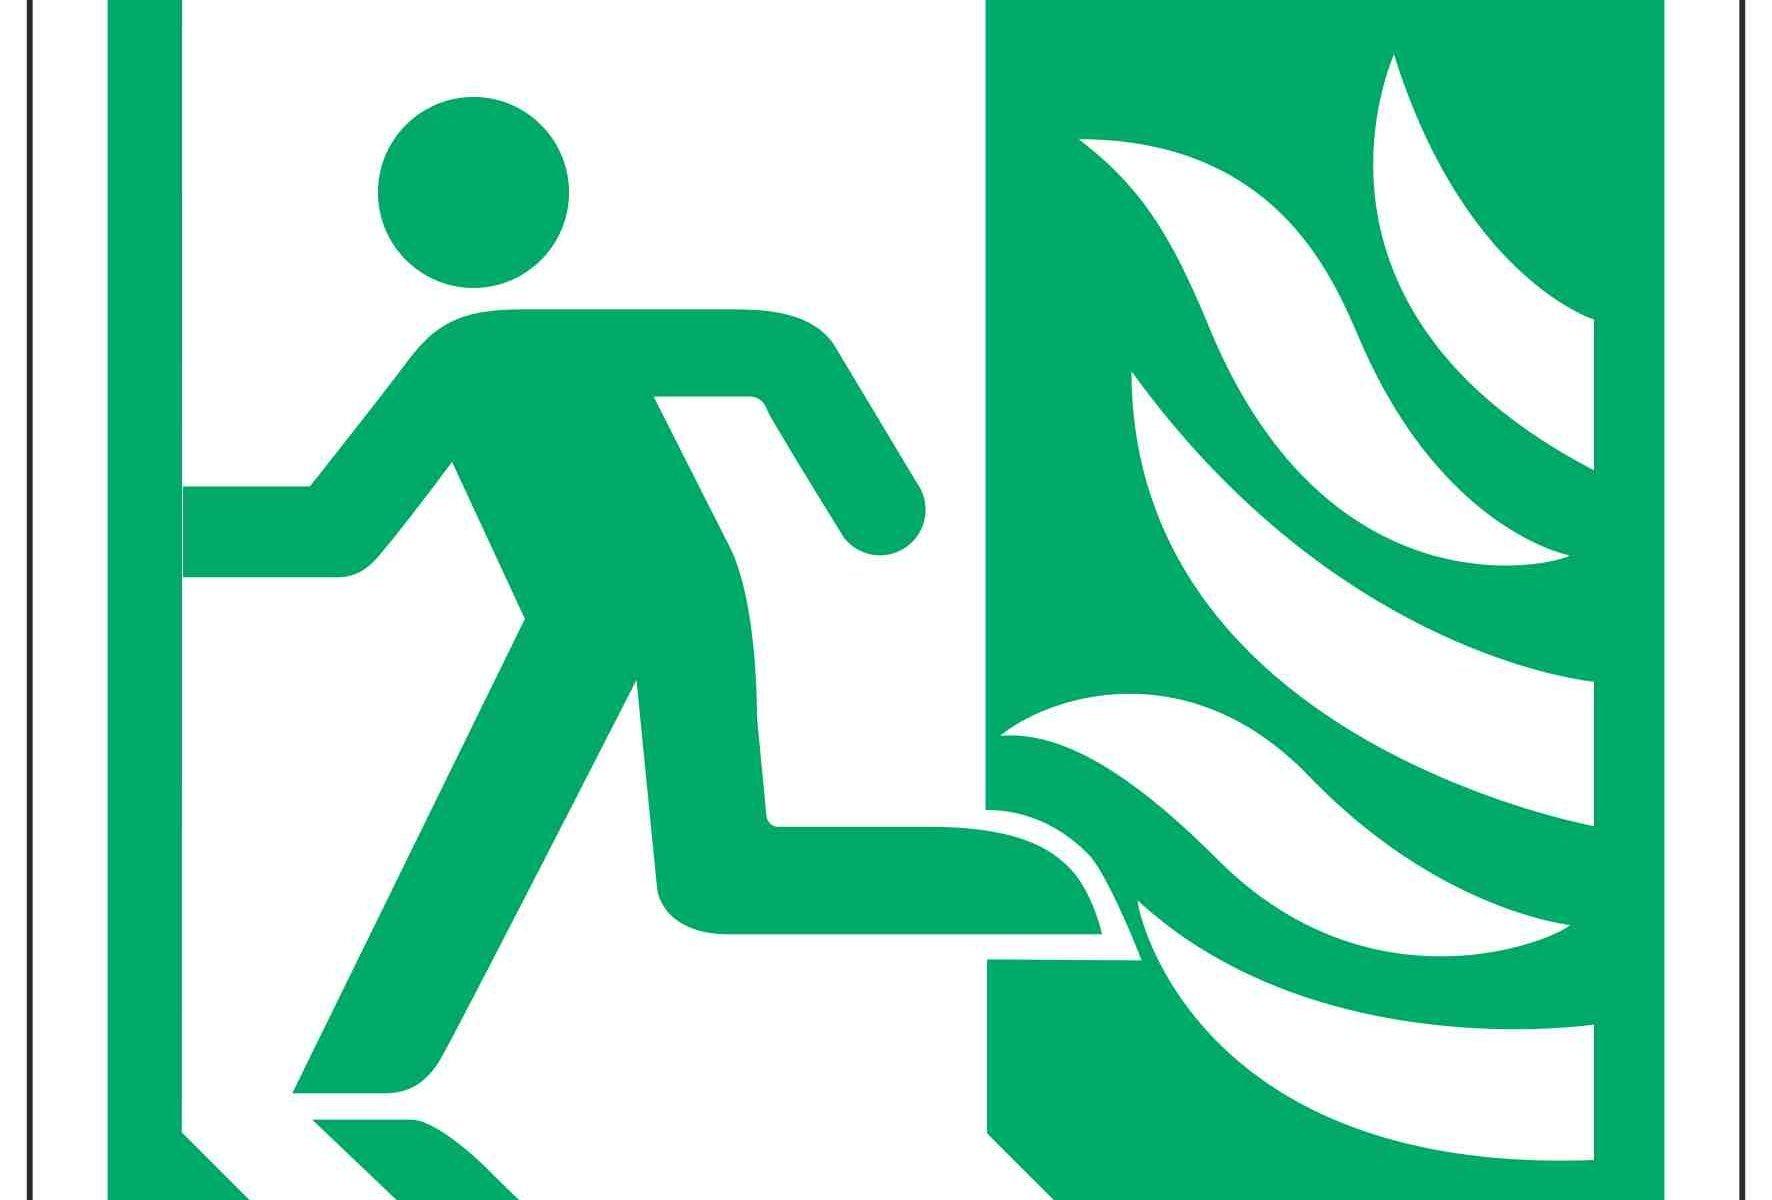 Running Man Left / NHS Symbol